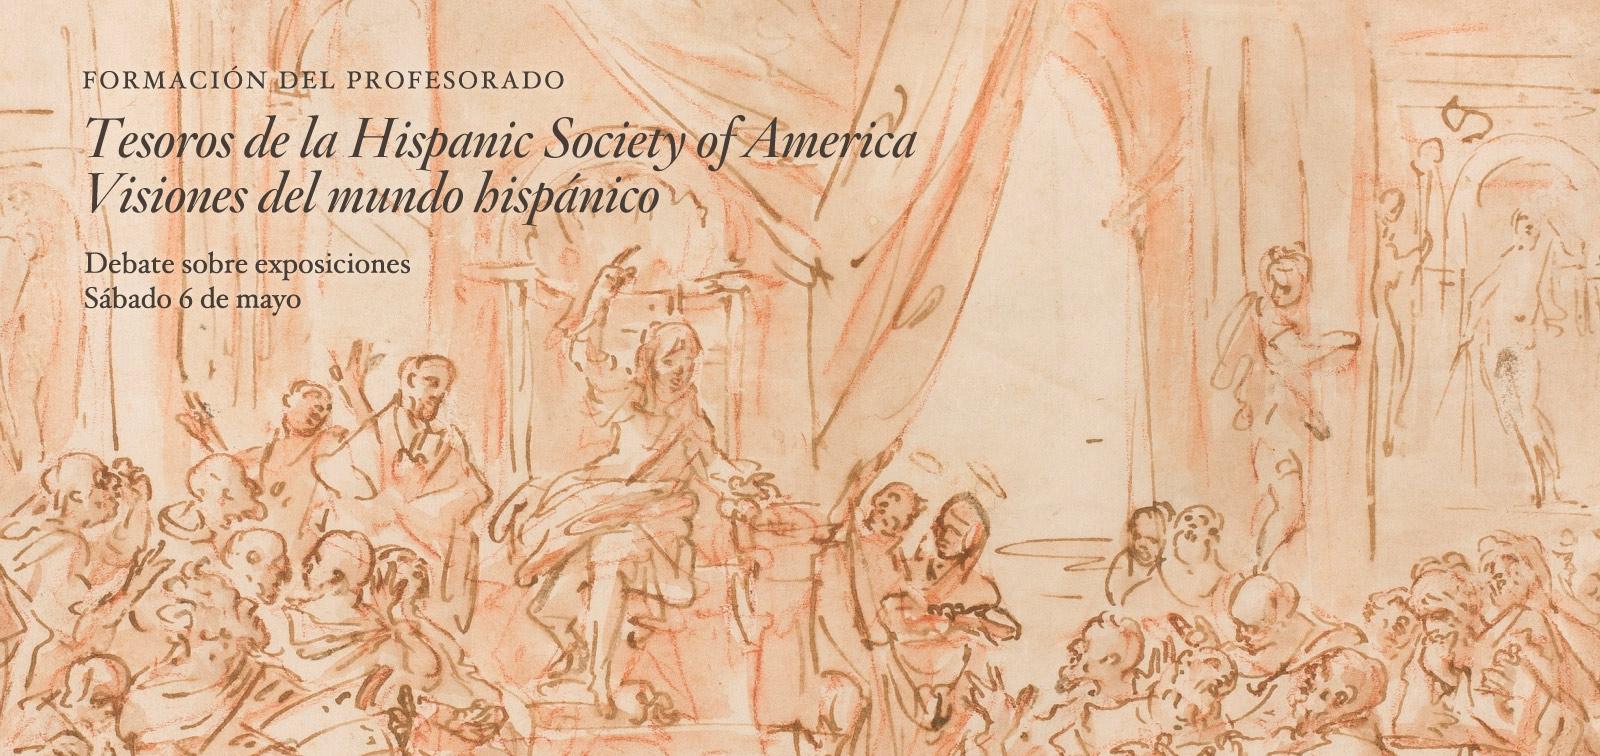 Curso para profesores. Debates sobre exposiciones. Tesoros de la Hispanic Society. Museo y biblioteca